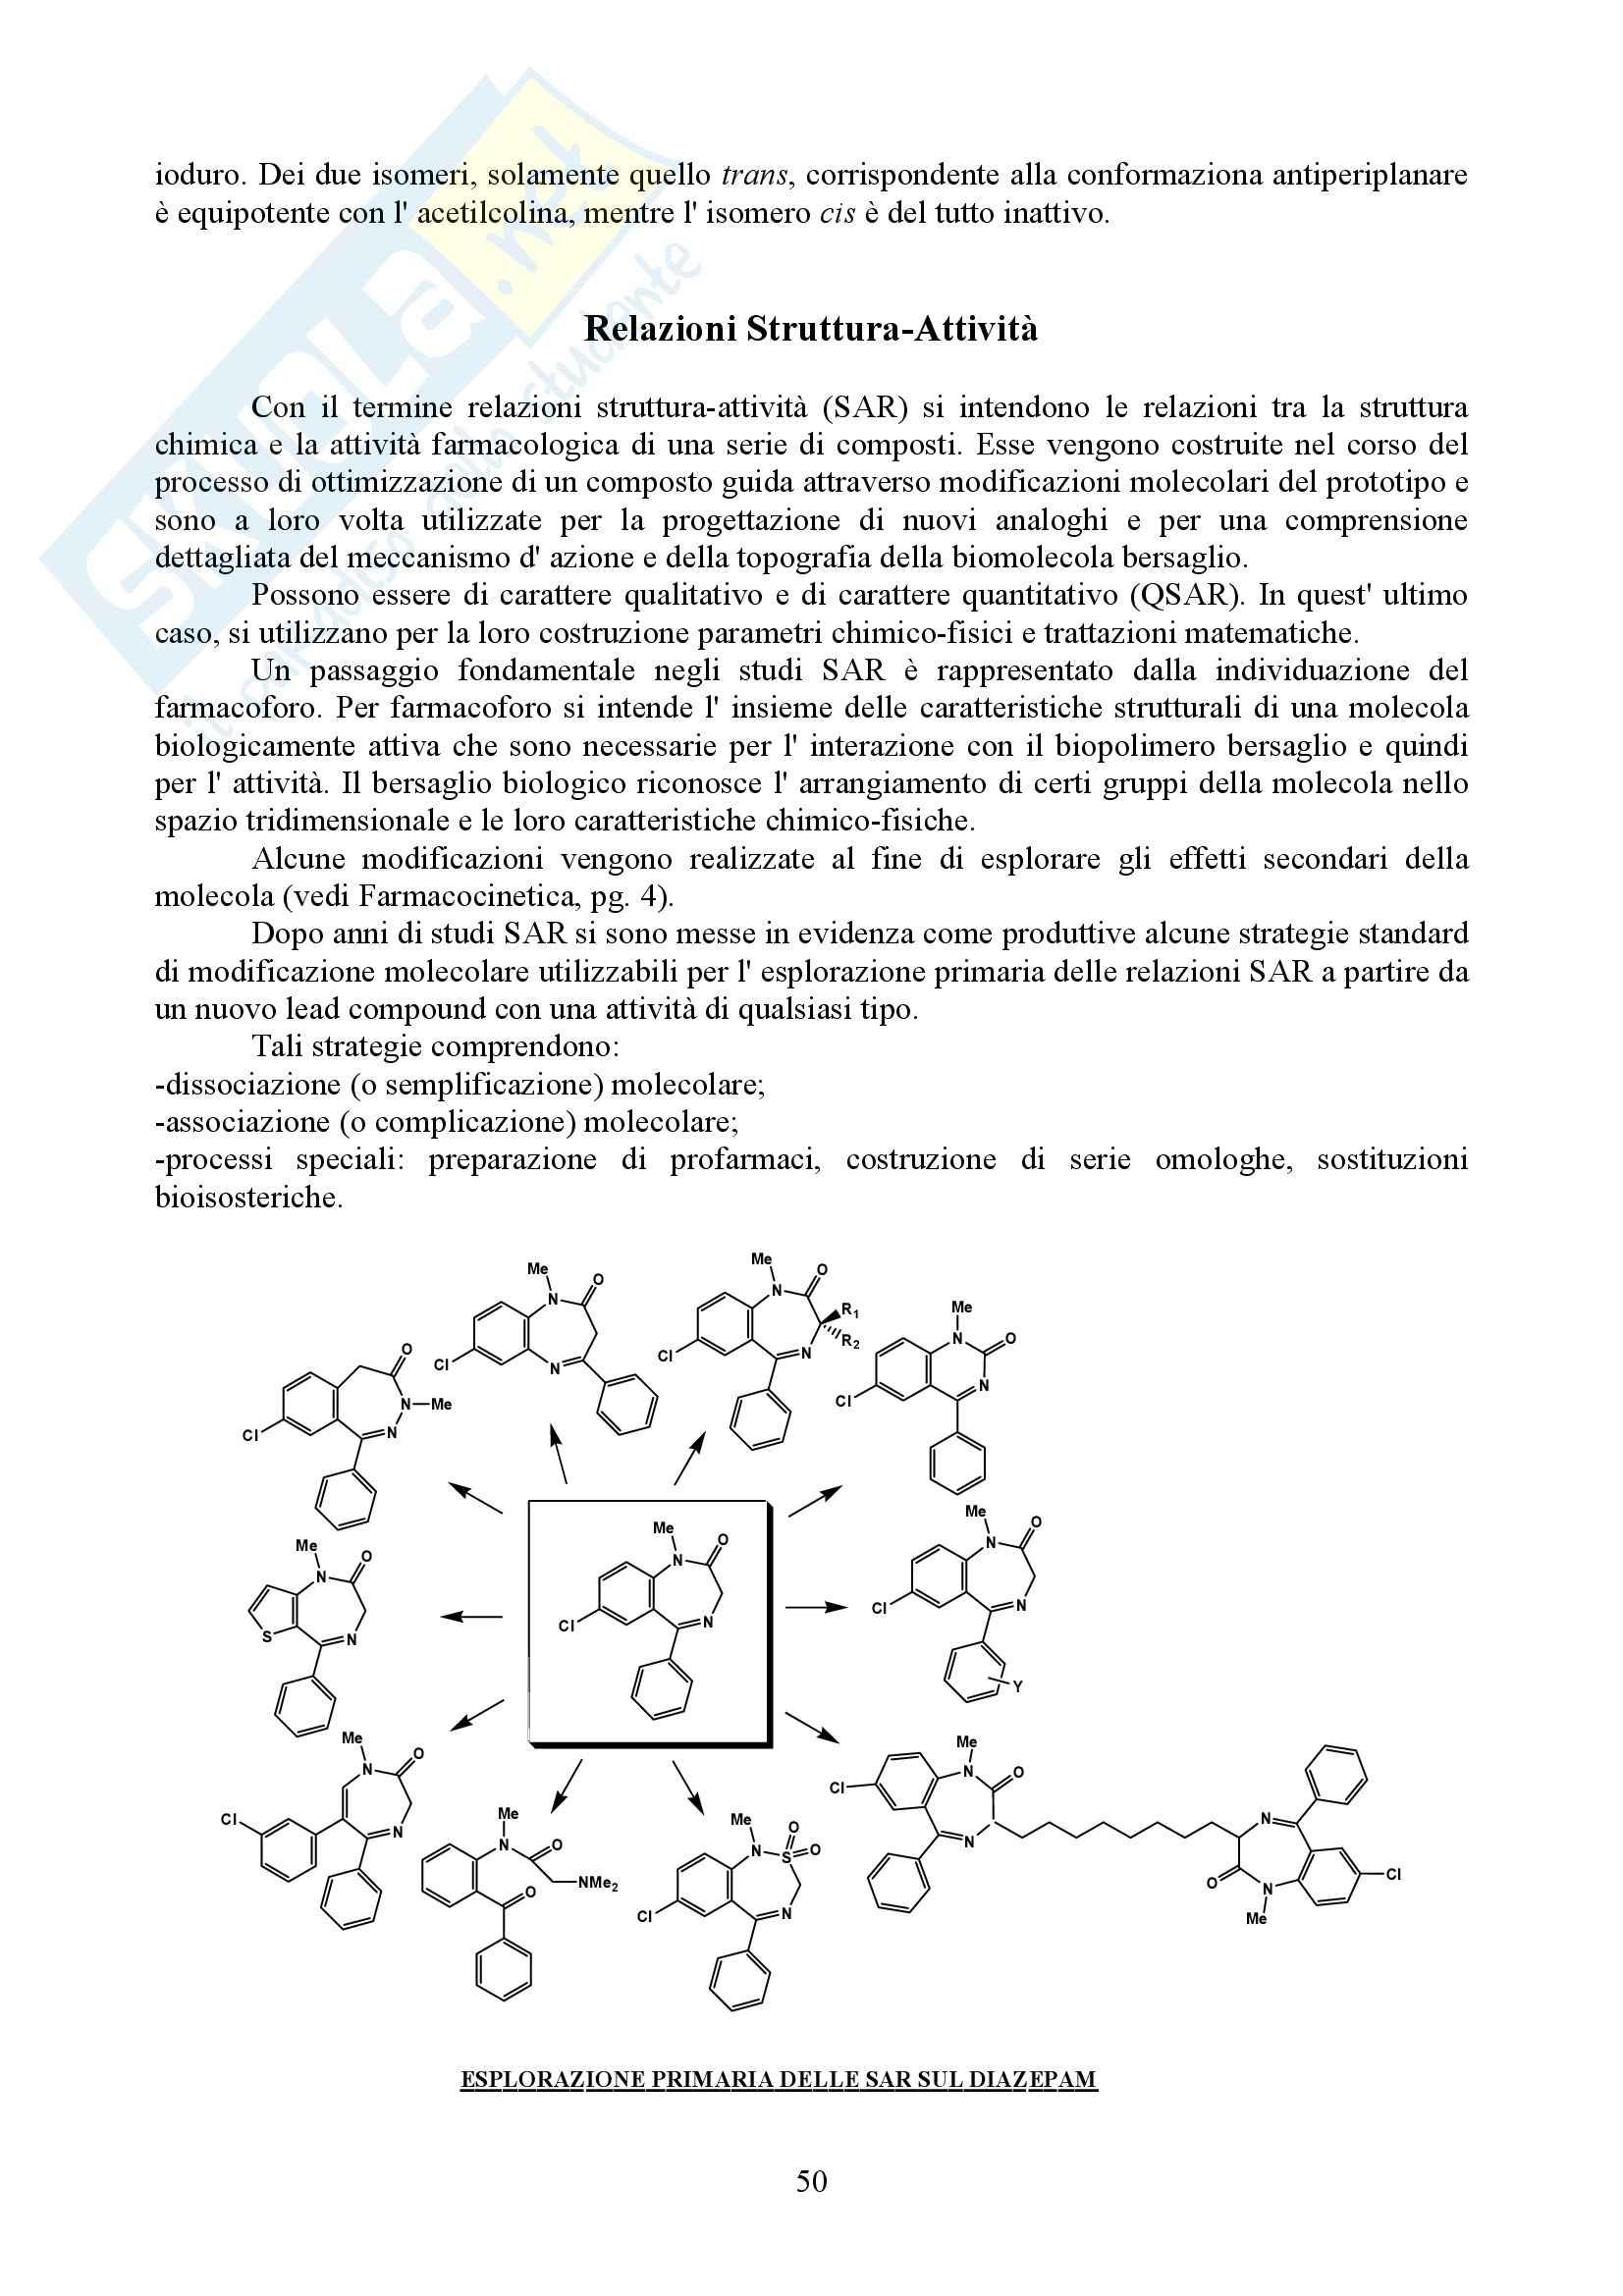 Chimica farmaceutica e tossicologica I - Appunti Pag. 51